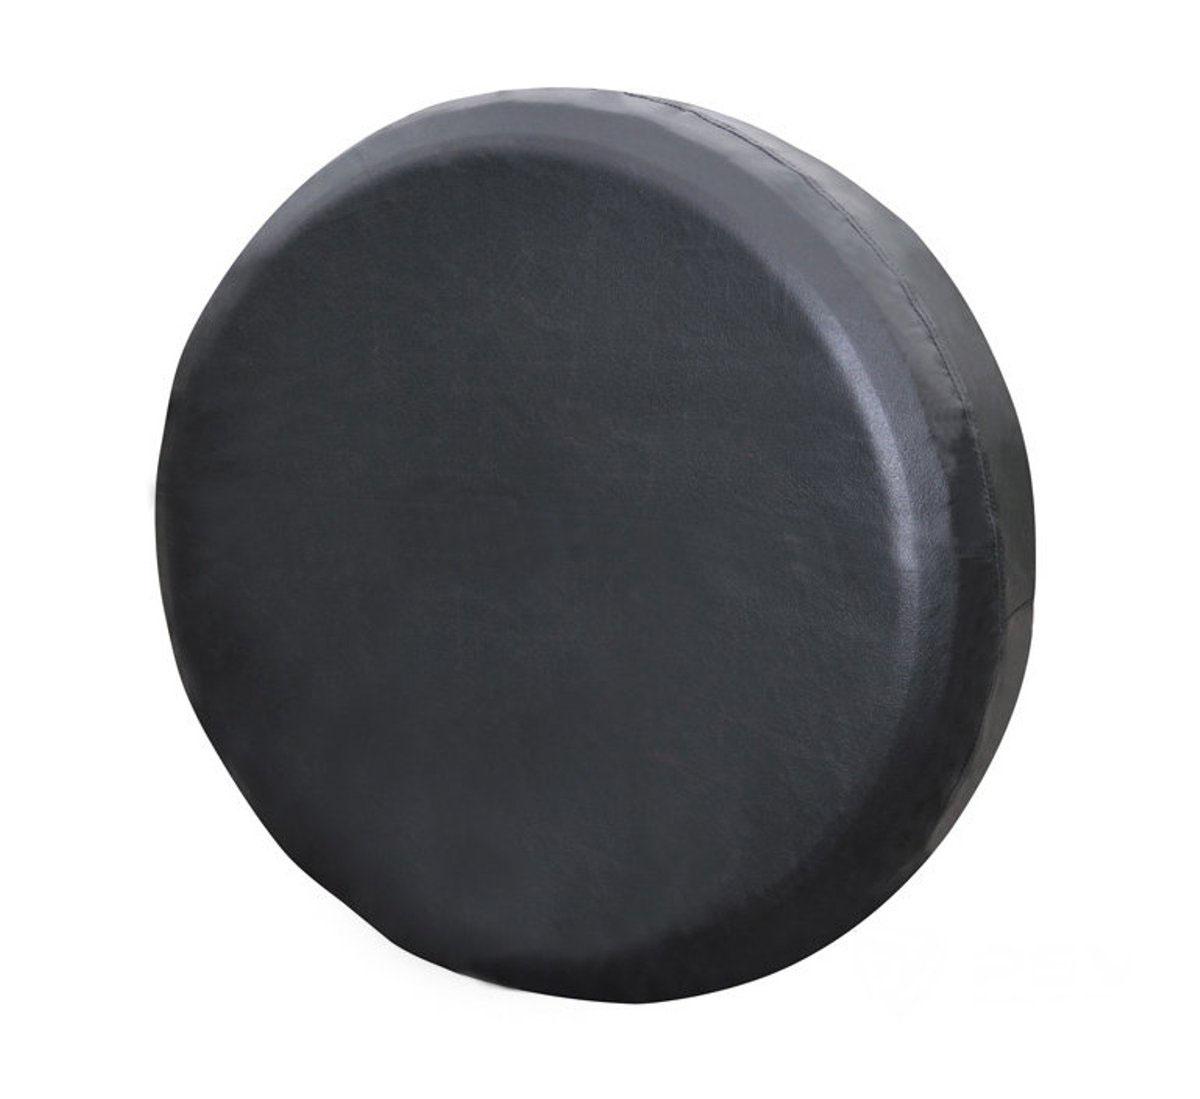 Чехол на запасное колесоAuto premium. Размер М (69,5 - 73,5 см), цвет: черный. 7701477014Чехол на запасное колесо автомобиля ( Размер М), выполненый из высококачественной экокожи, прекрасно охранит «запаску» от негативного влияния погодных условий: пыль грязь, дождь, при этом чехол не потрескается на морозе.